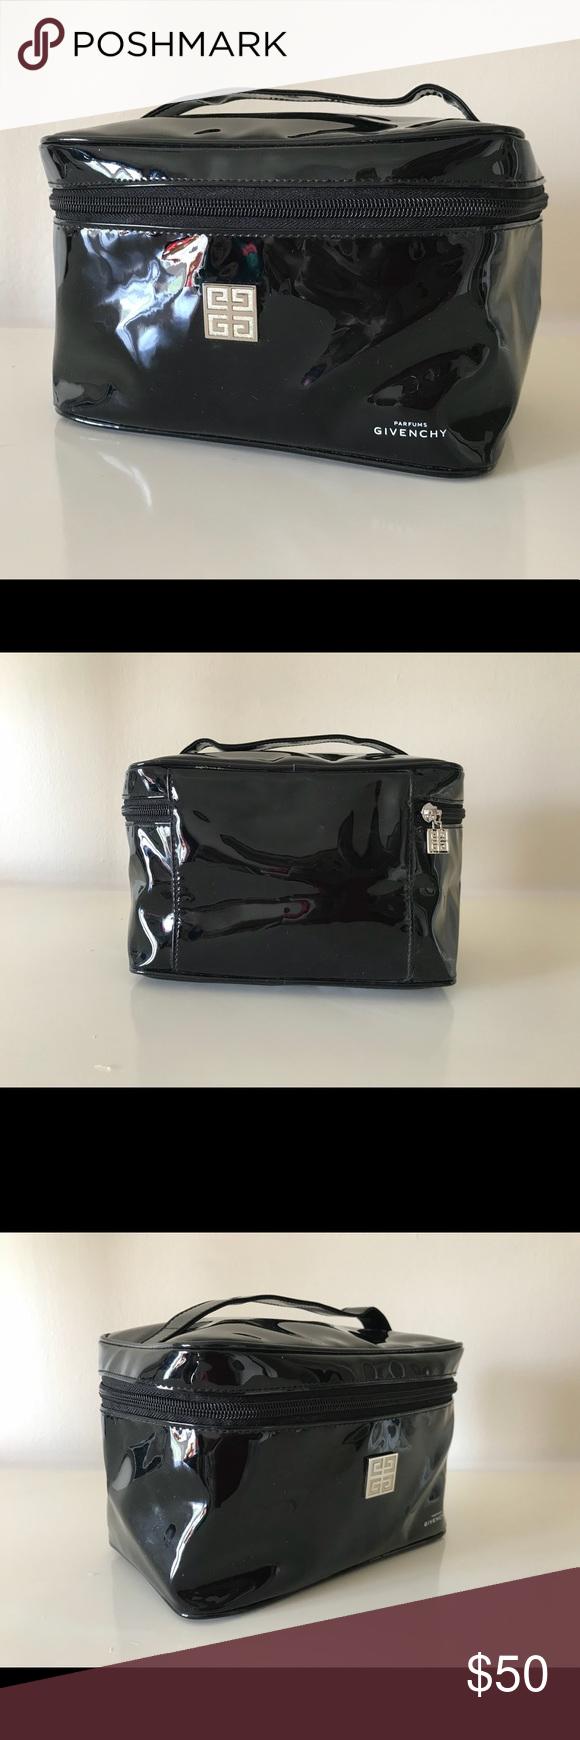 Givenchy studio bag   Givenchy, Vip and Studio 2bcf581247